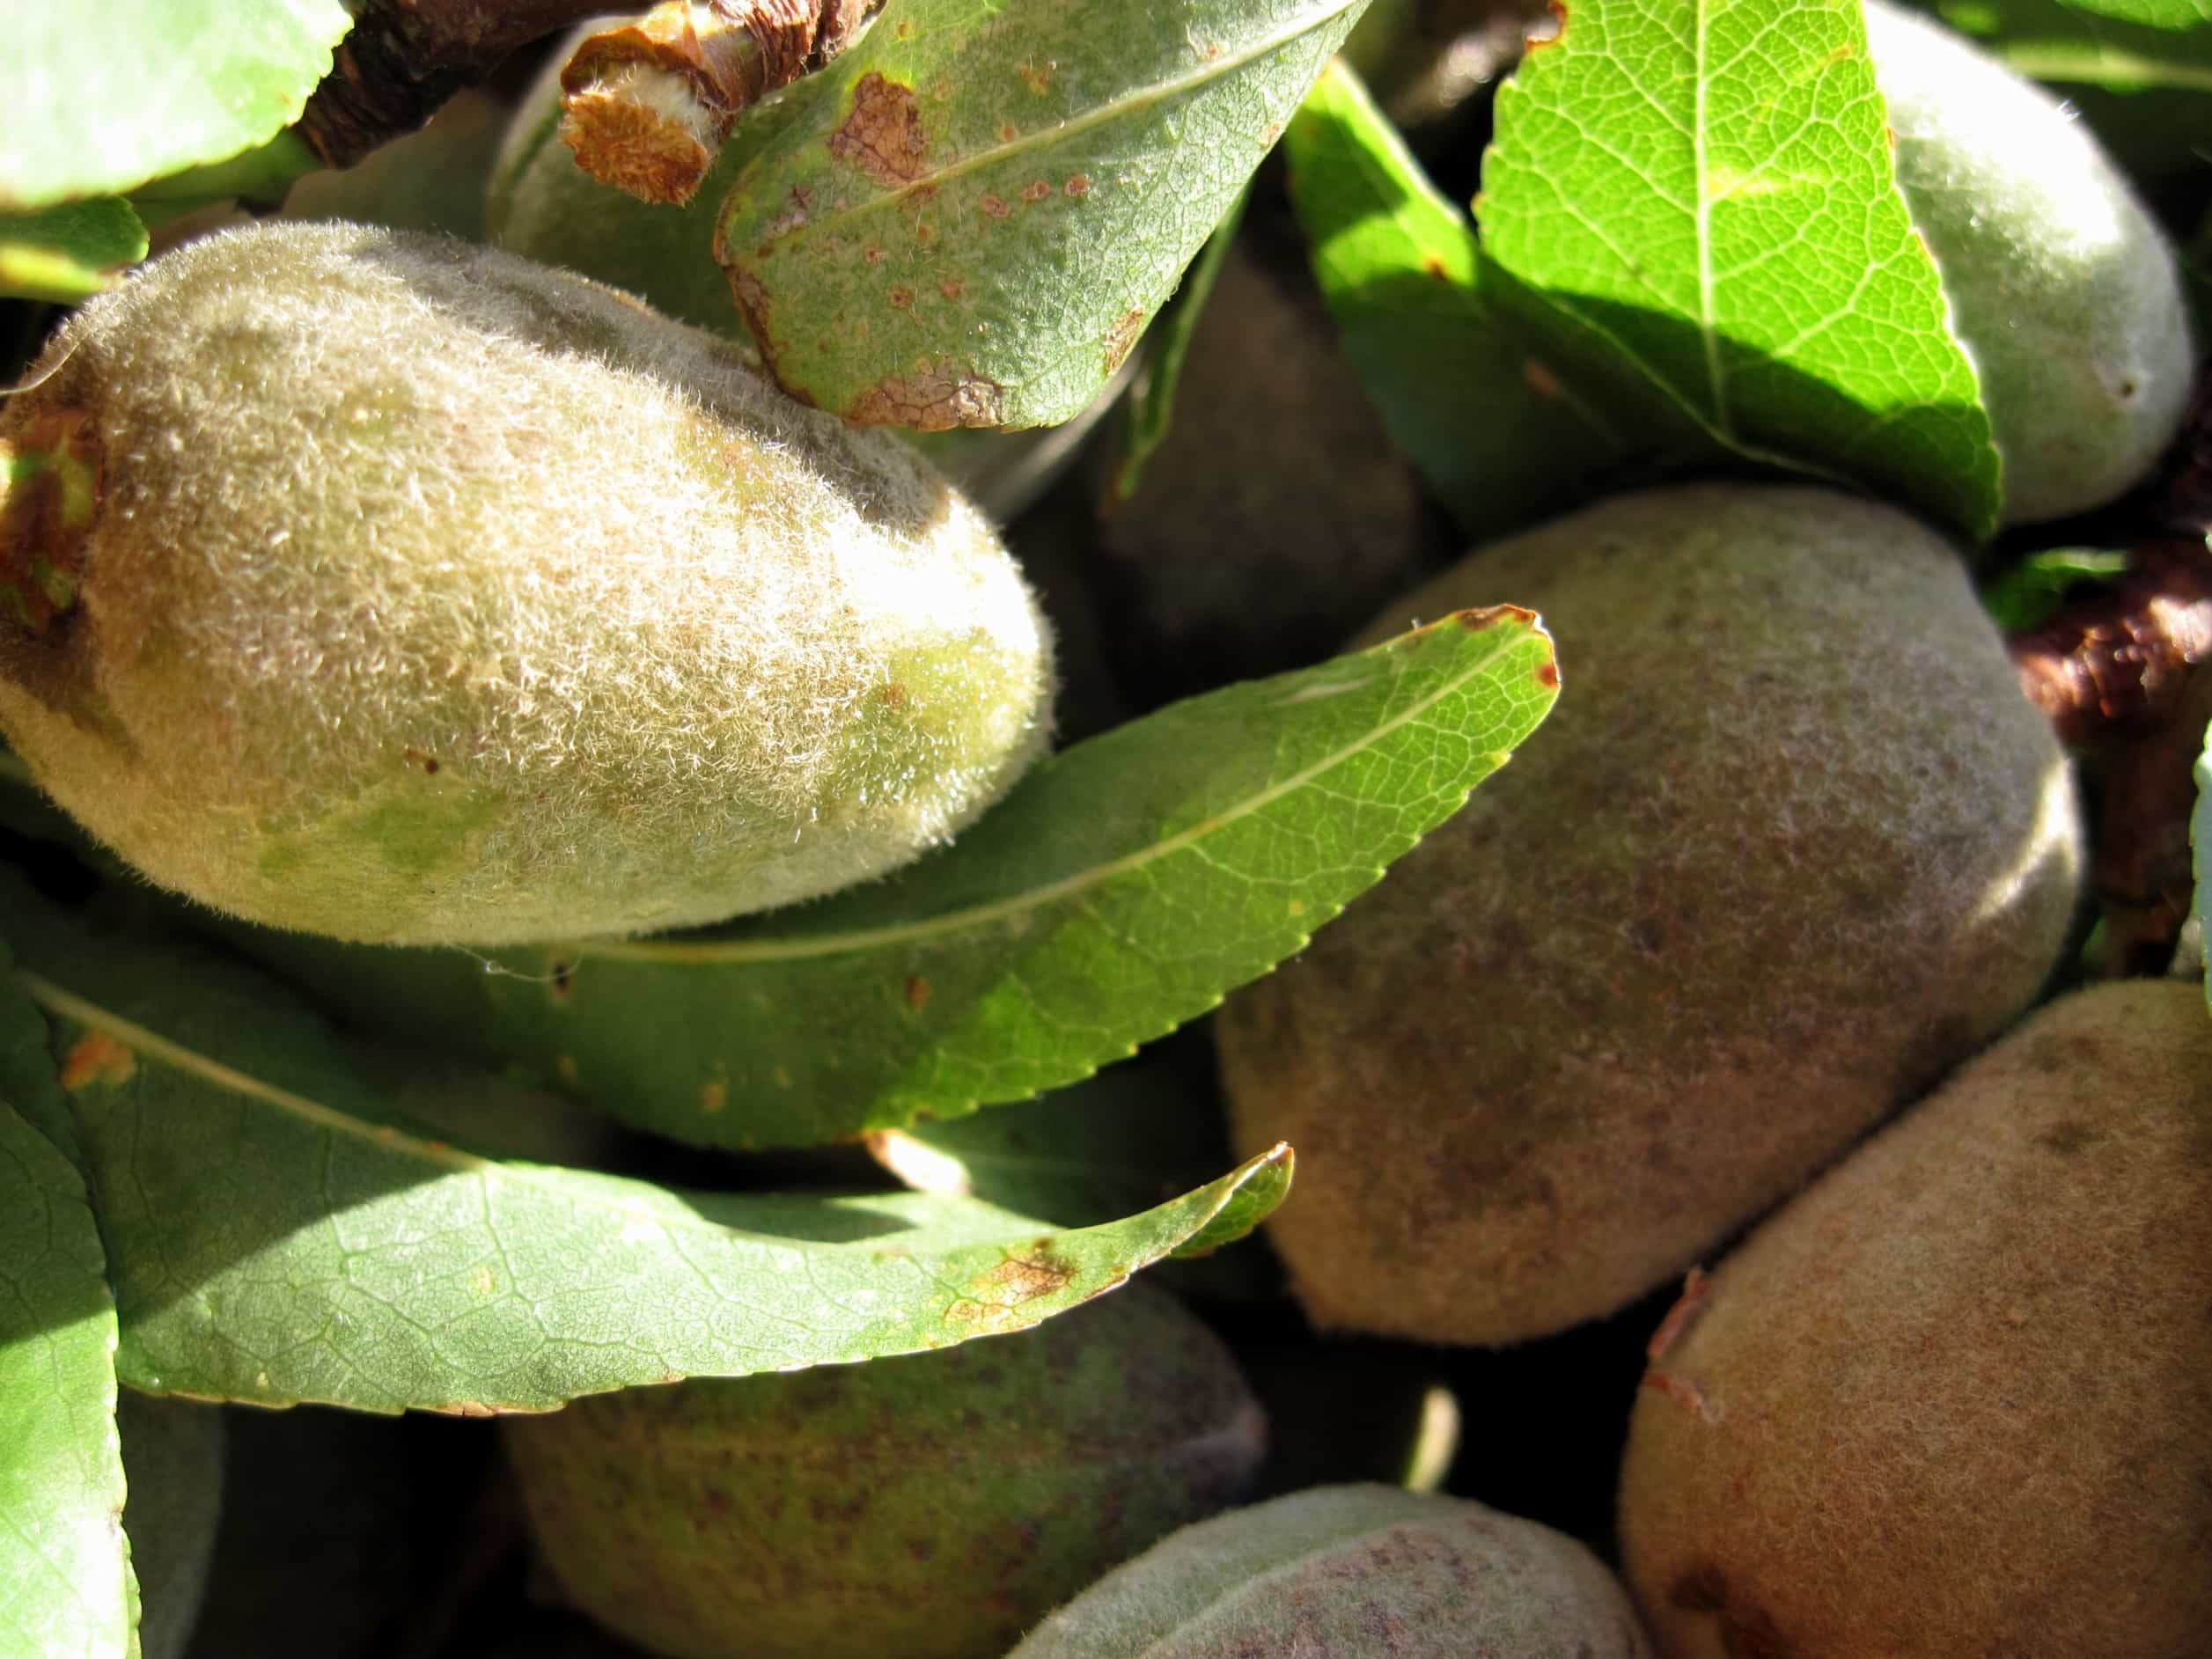 kostenlose bild blatt essen flora natur obst kiwi baum. Black Bedroom Furniture Sets. Home Design Ideas